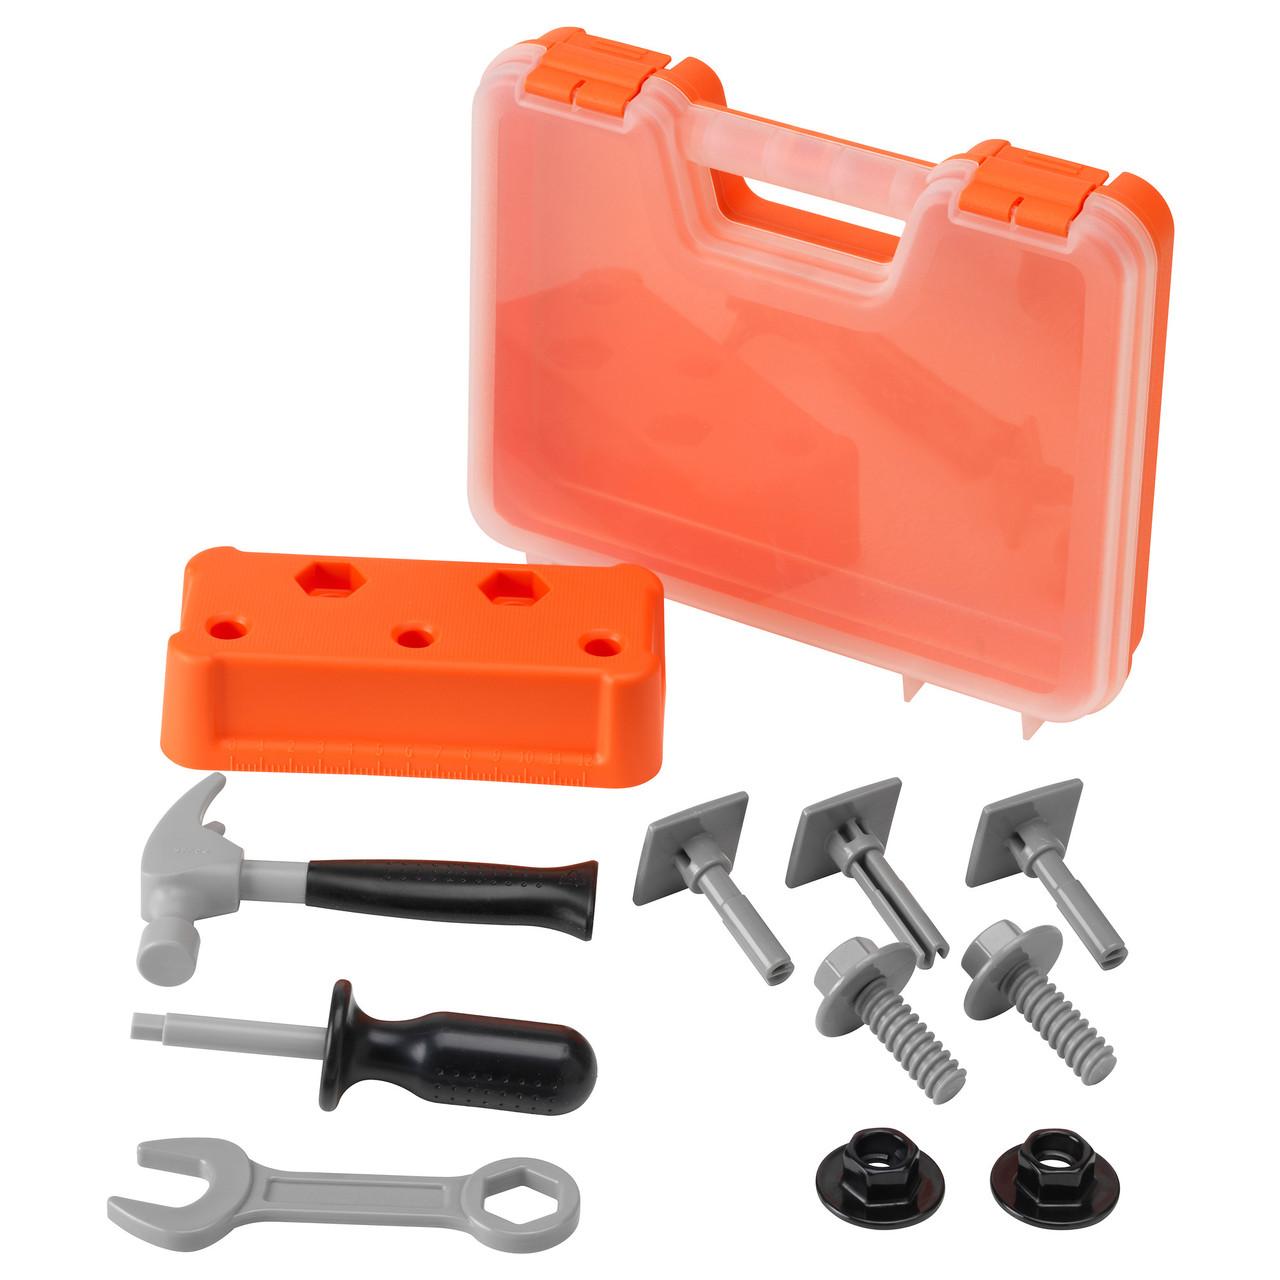 ДУКТИГ Набор детских инструментов 60164828 IKEA, ИКЕА, DUKTIG